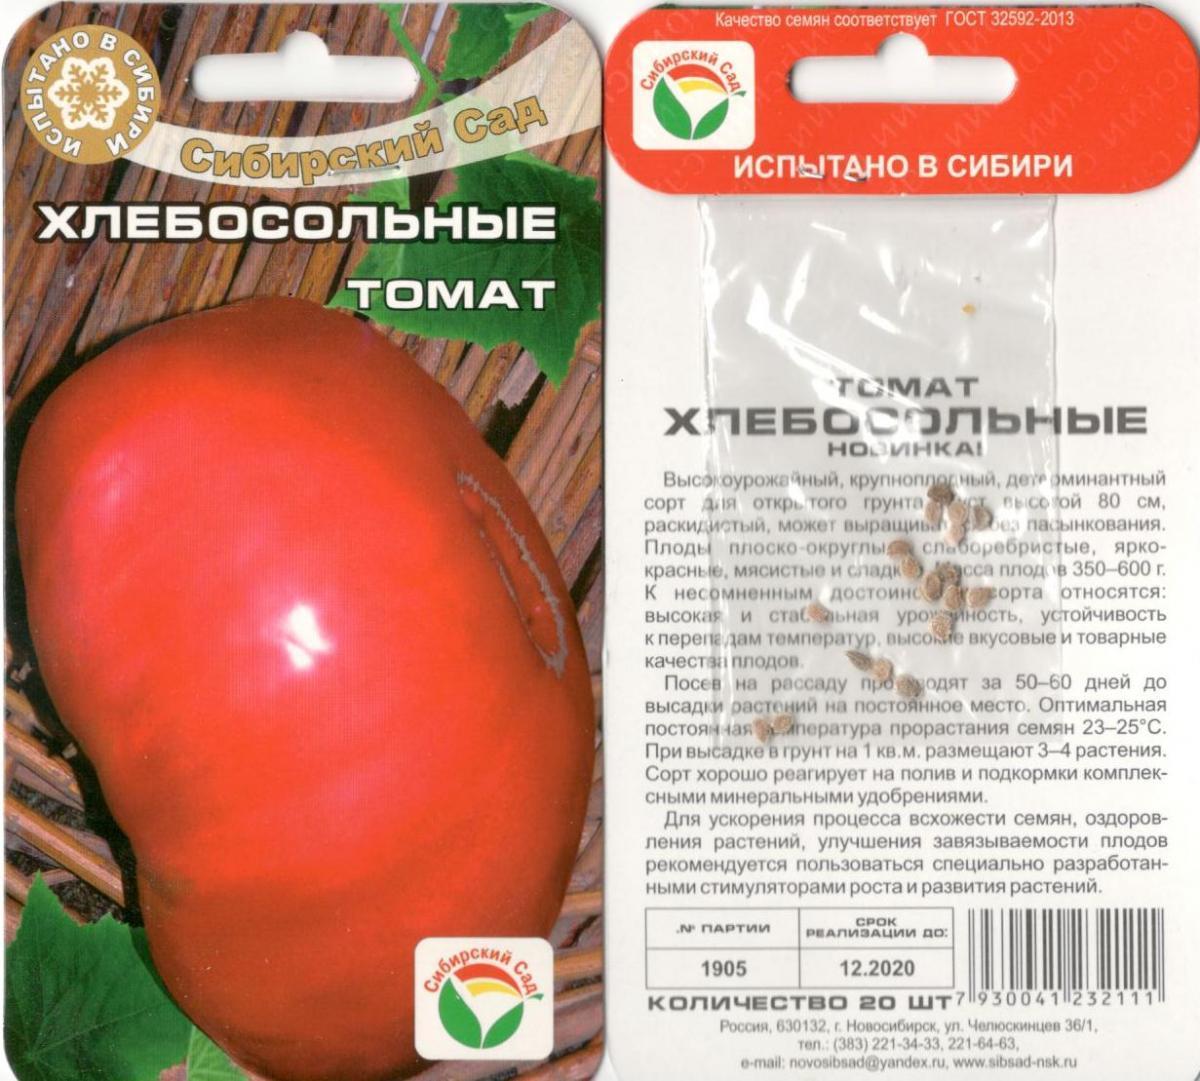 Томат Хлебосольный семена